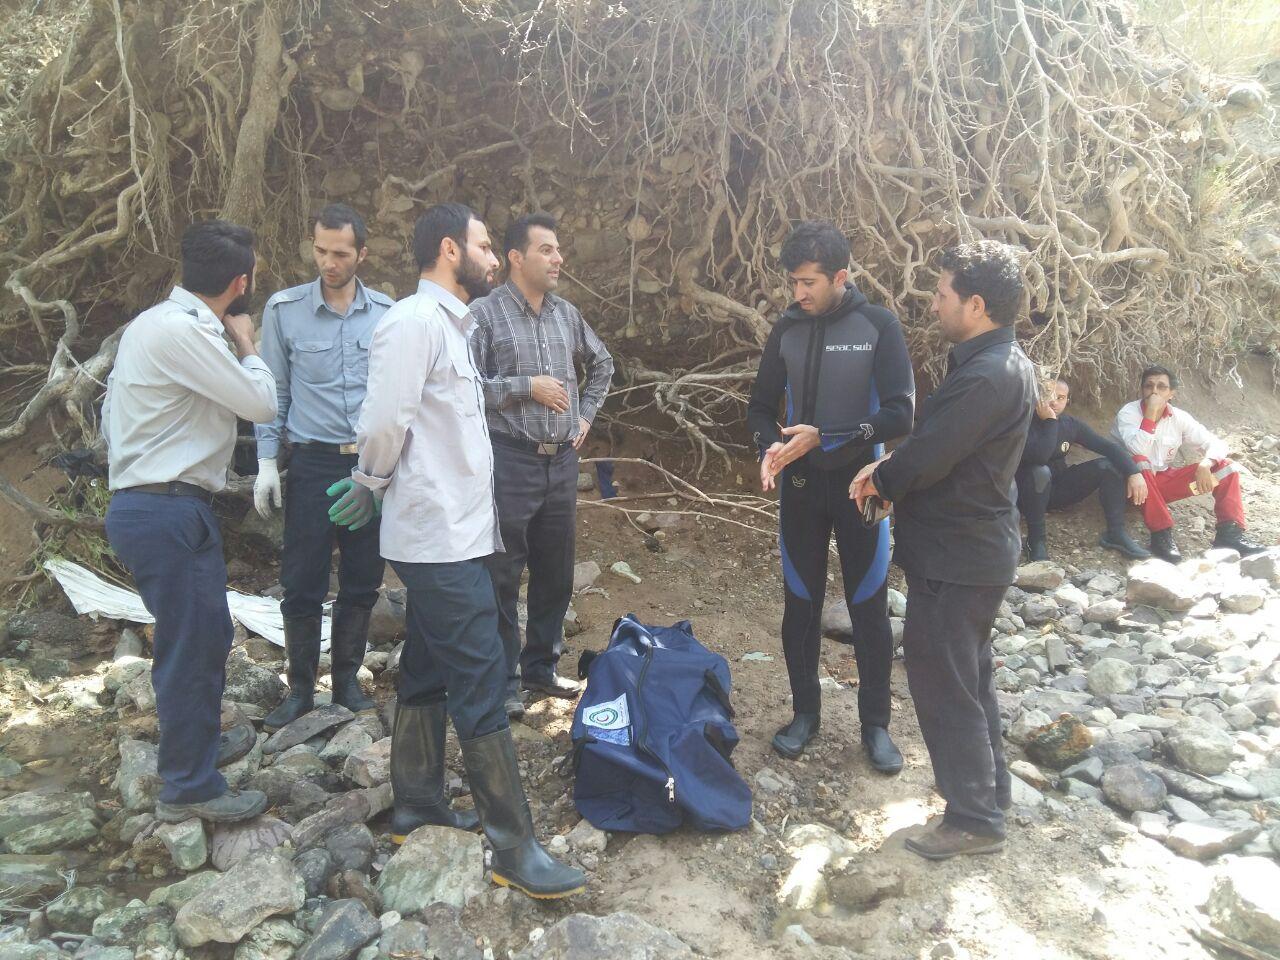 جسد غریق ۱۶ ساله در رودخانه خوزنان آبیک کشف شد+تصاویر